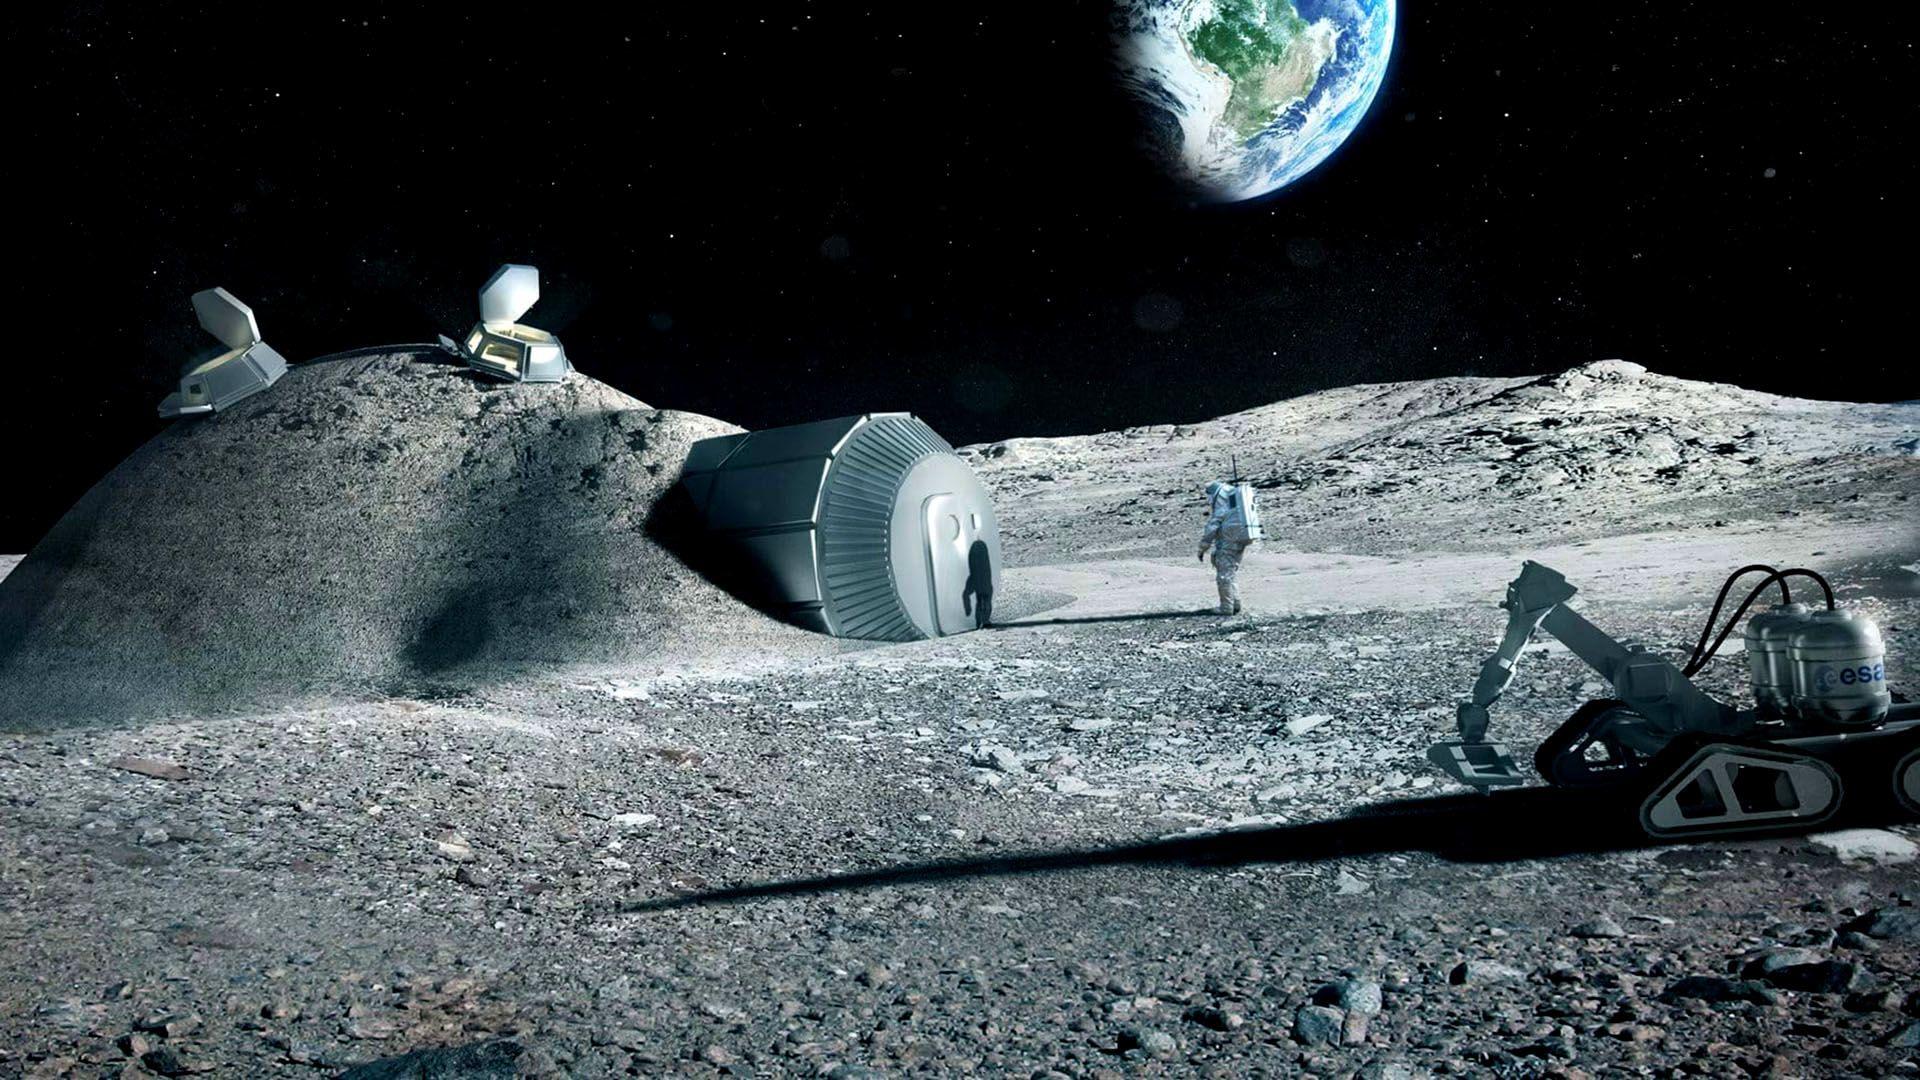 إلى القمر وما هو أبعد من ذلك